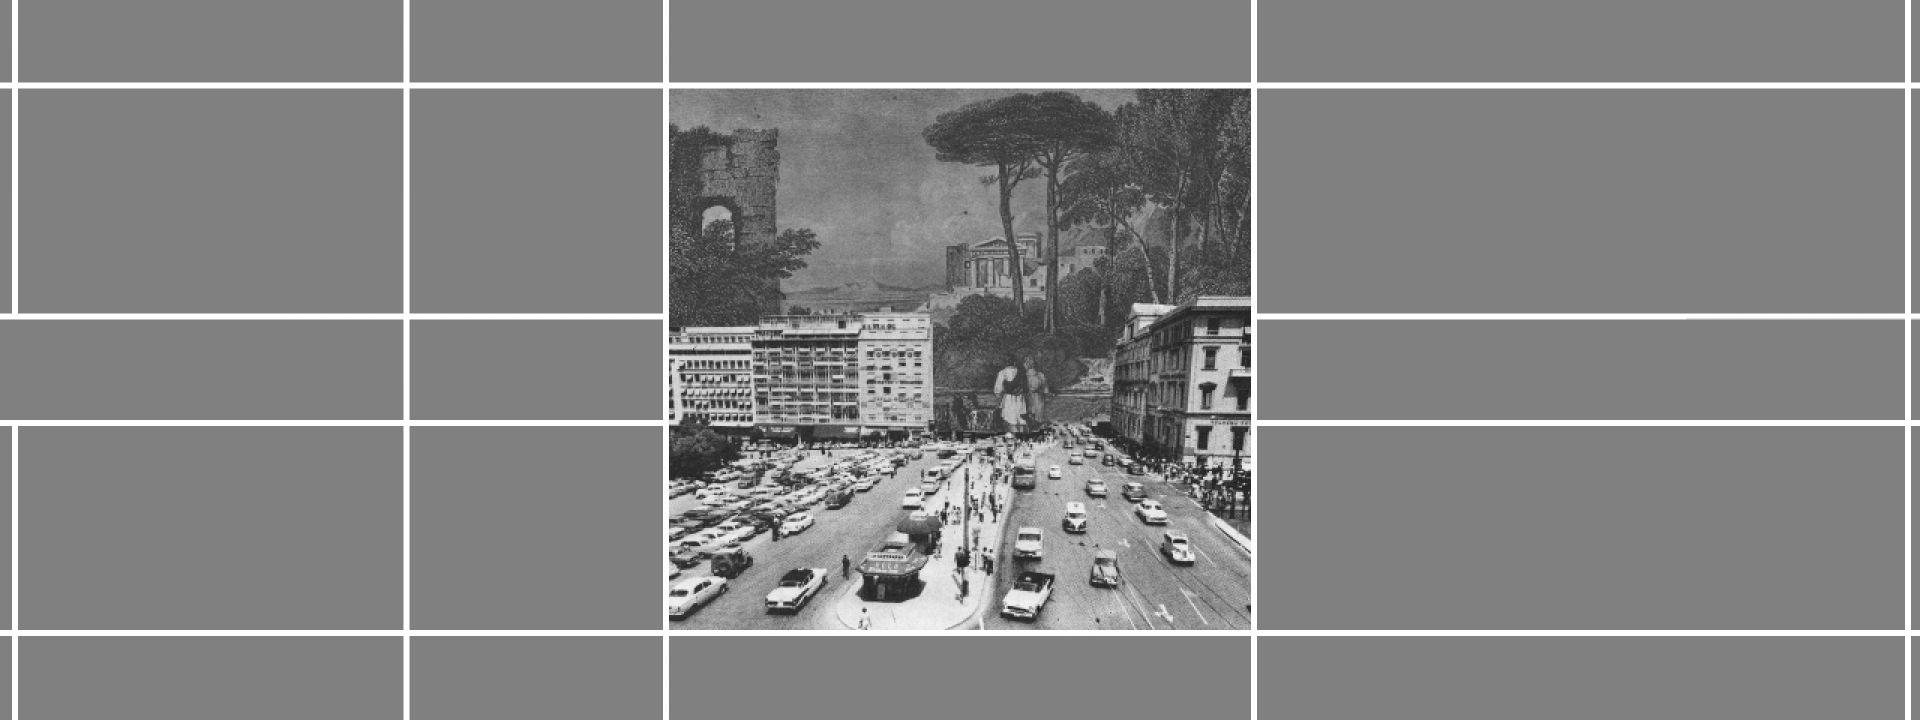 Ασπρόμαυρη φωτογραφία που αποτυπώνει την παλιά αρχιτεκτονική της πόλης